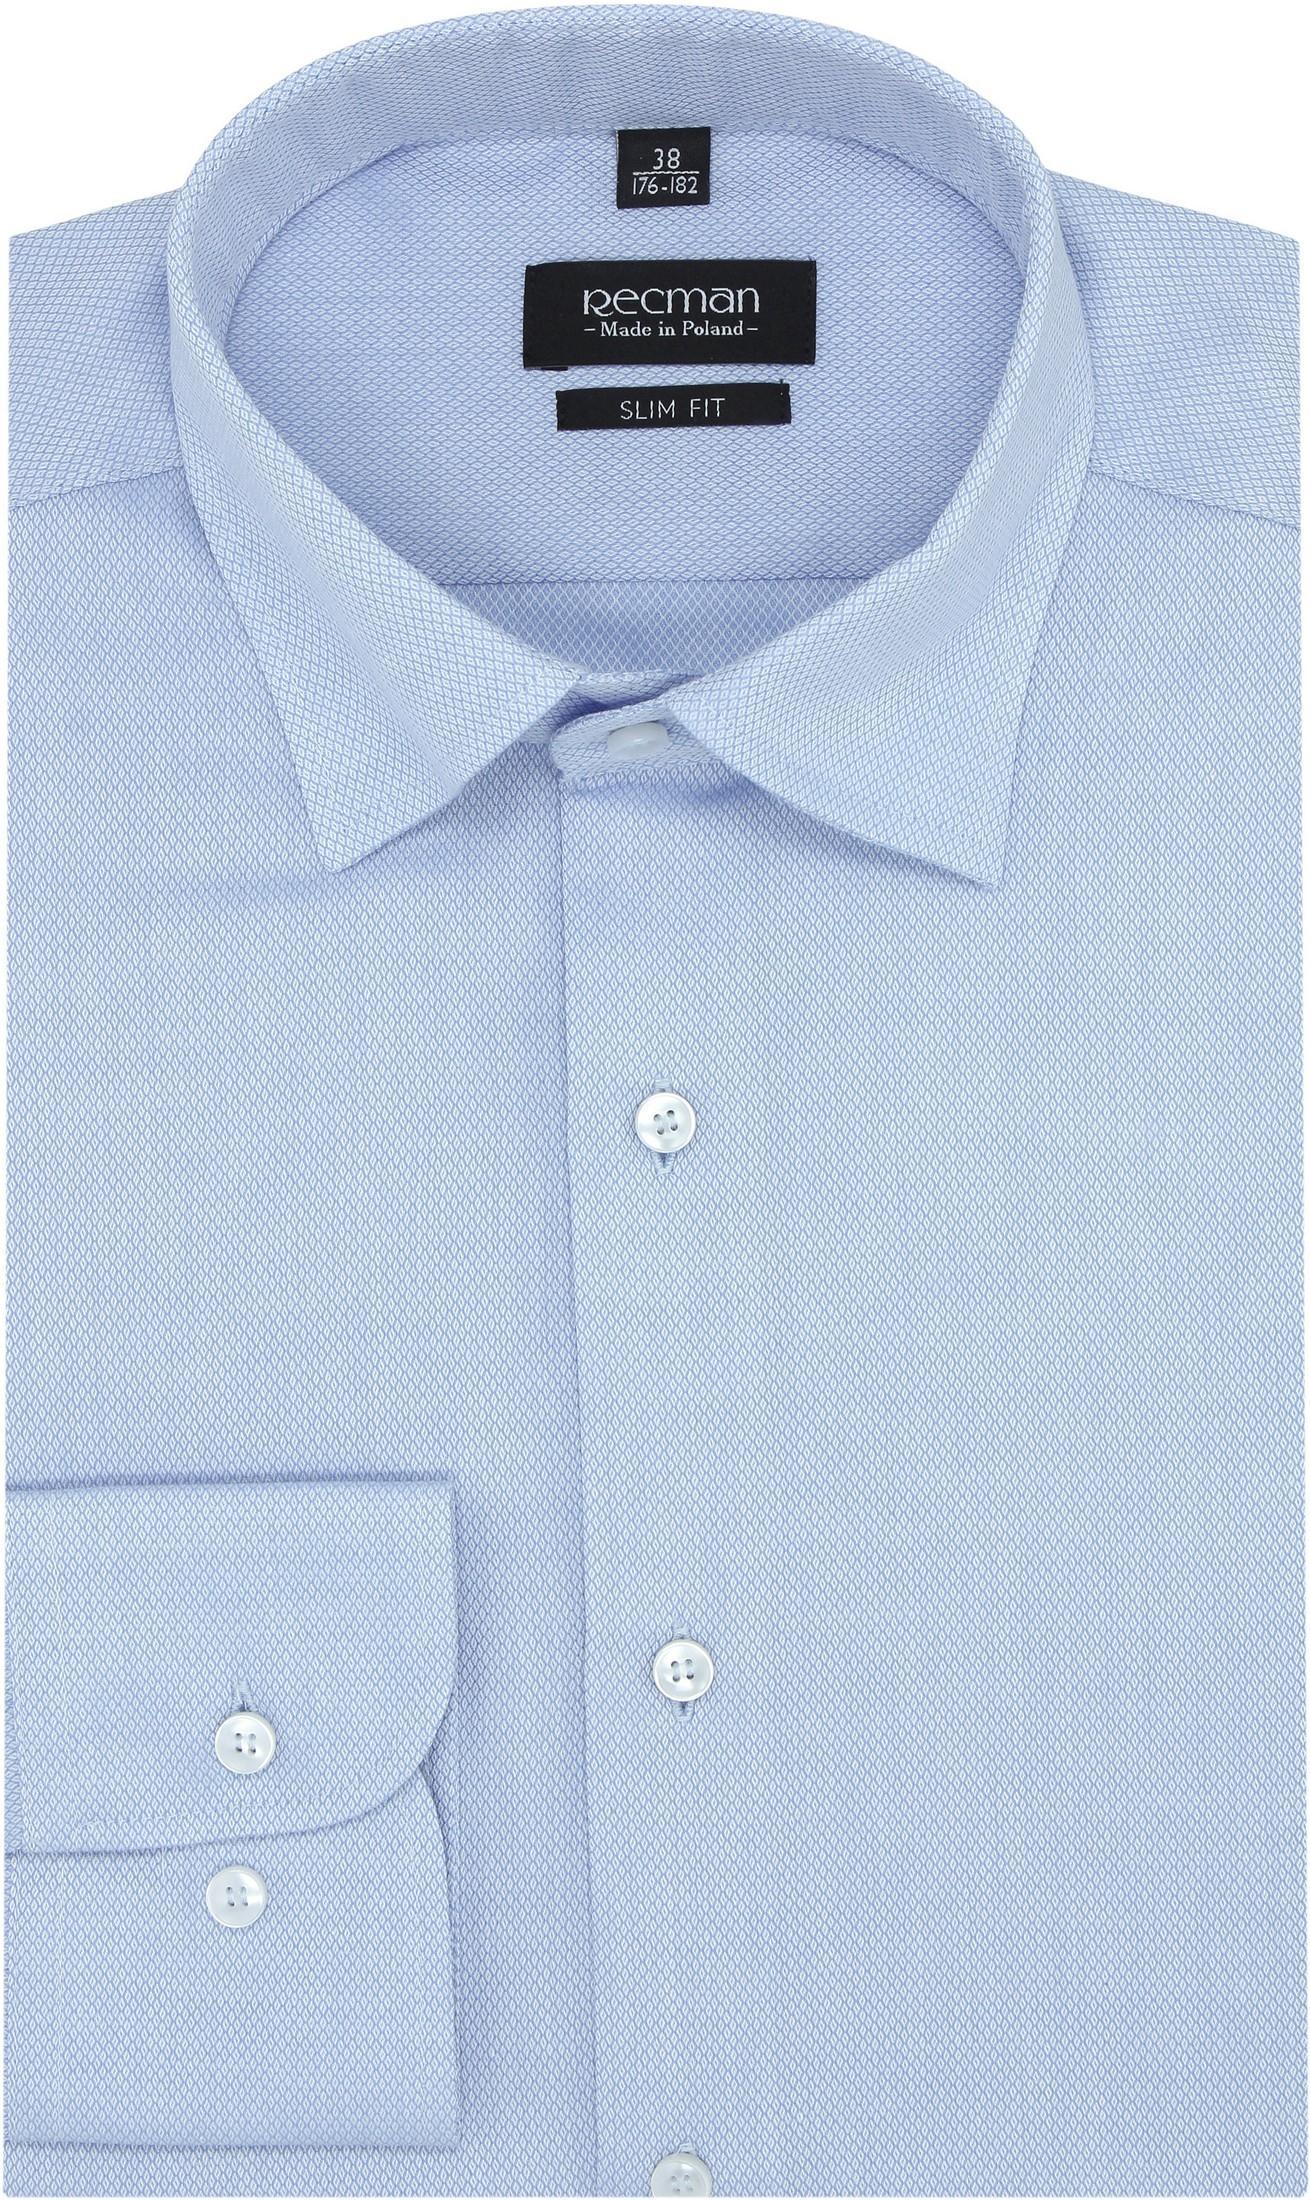 koszula versone 2817 długi rękaw slim fit niebieski